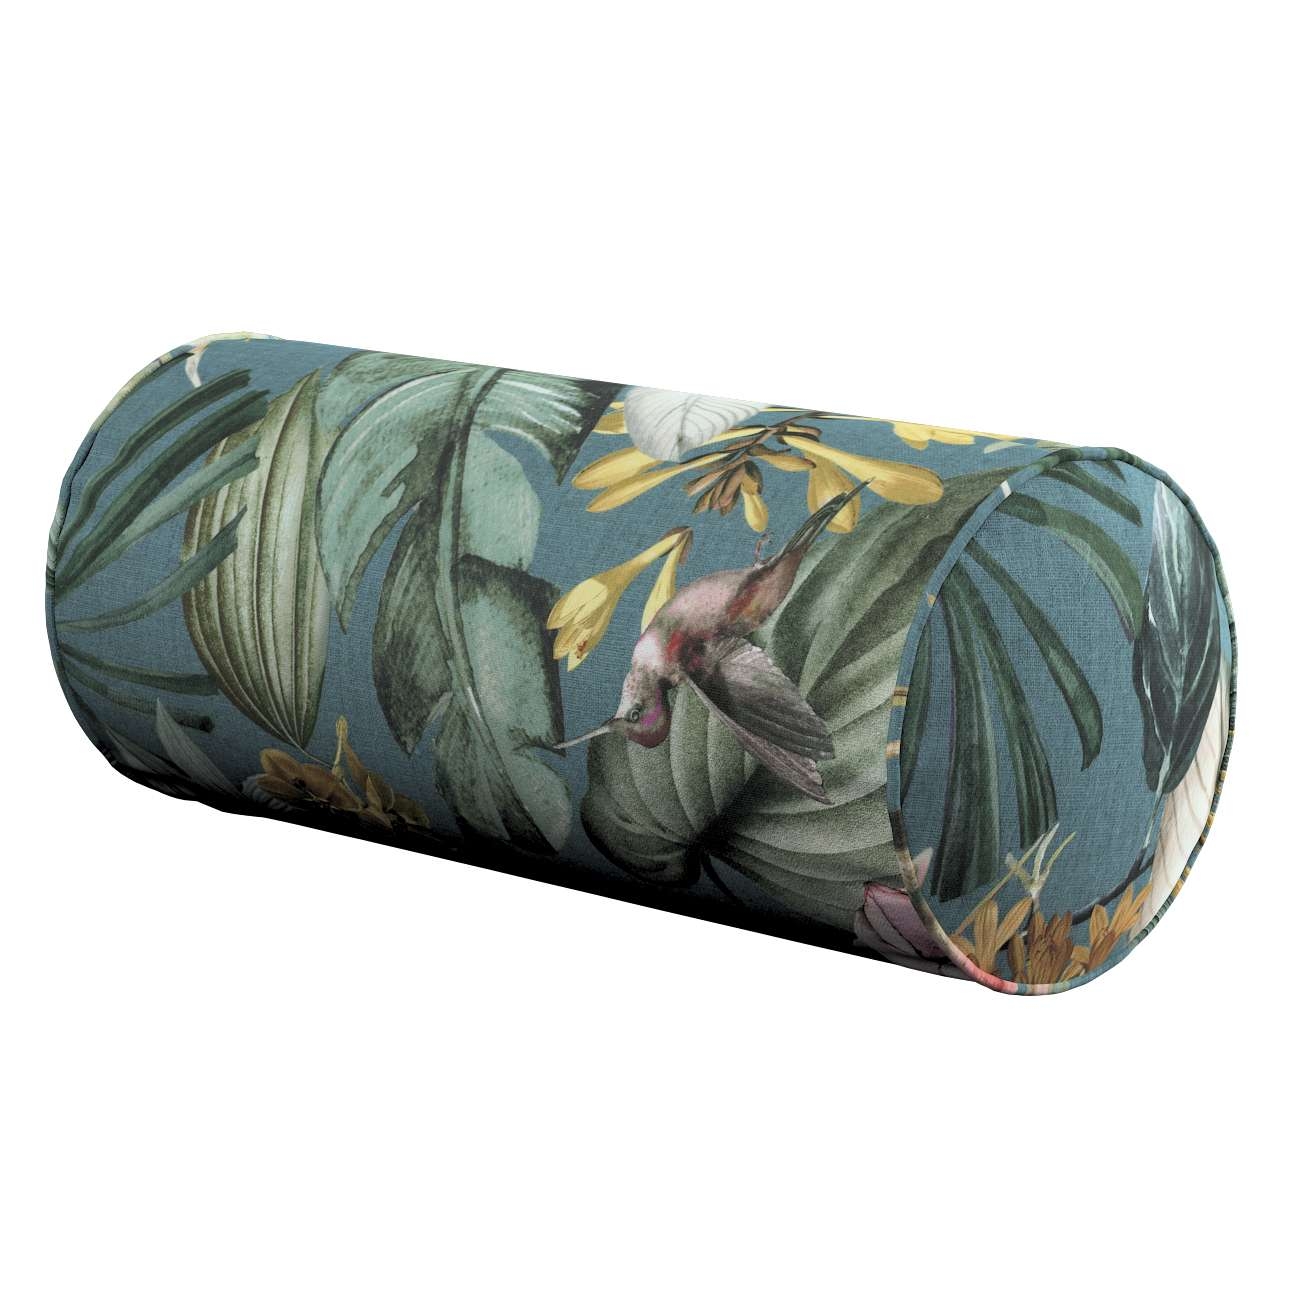 Poduszka wałek prosty w kolekcji Abigail, tkanina: 143-24